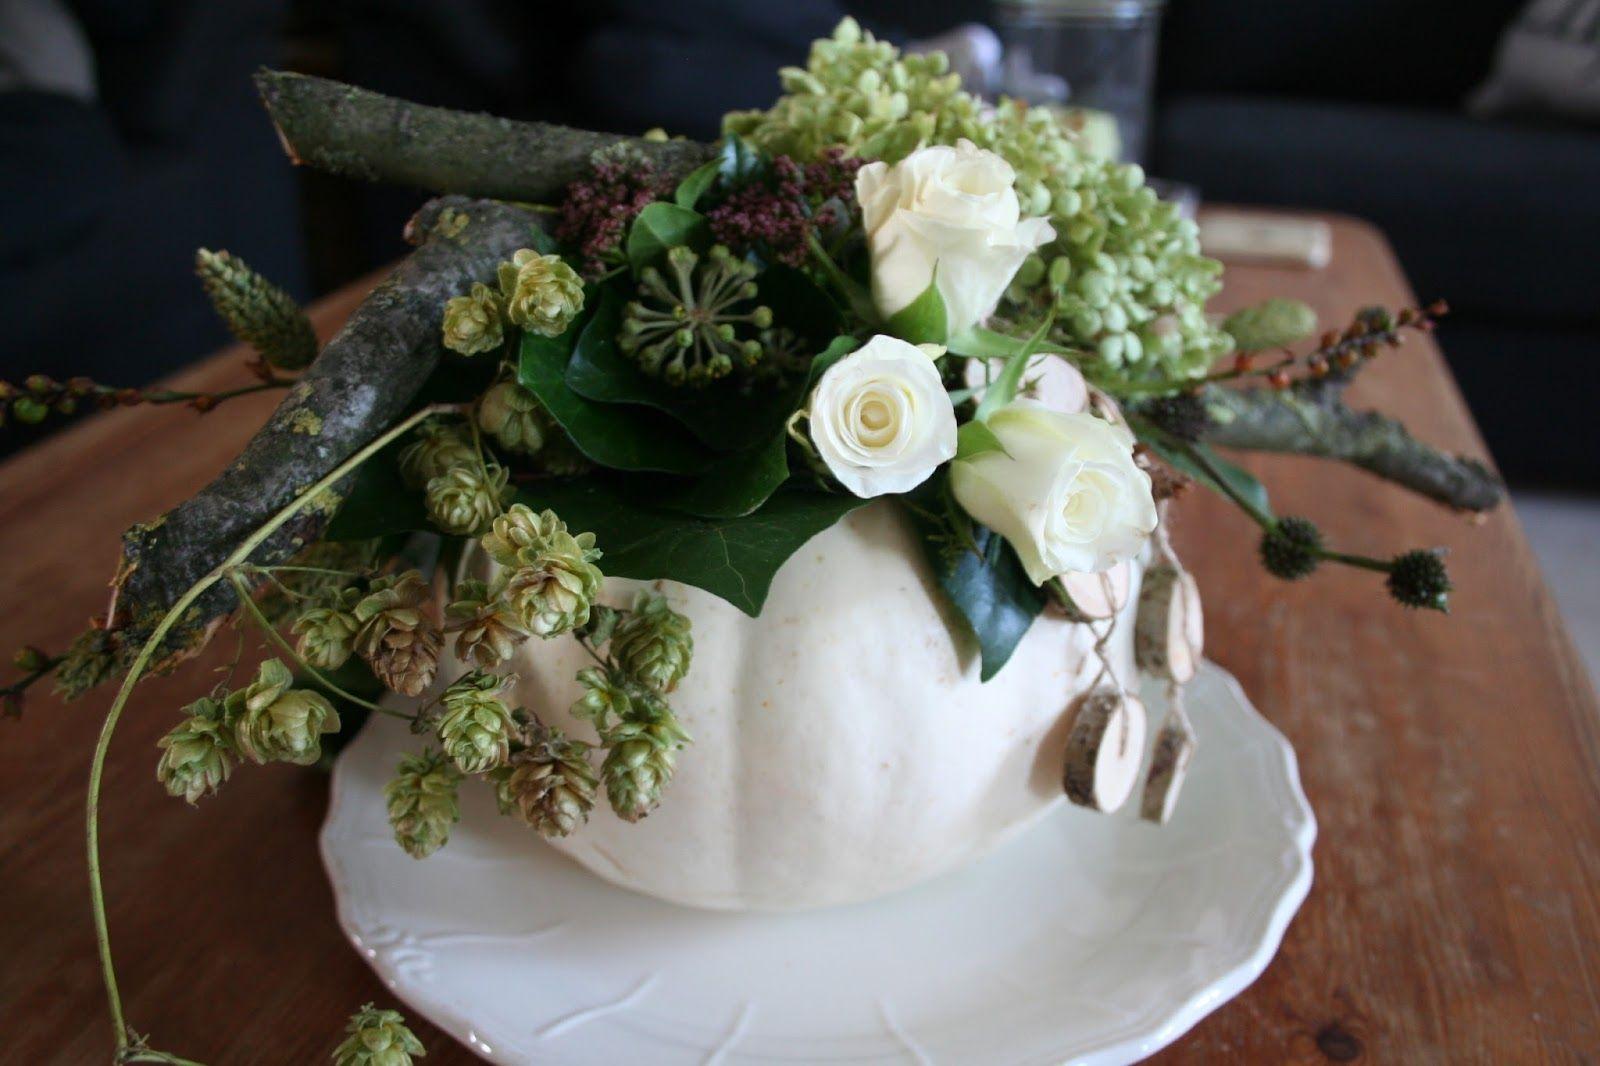 bloemschikken met een kroontje - Google zoeken